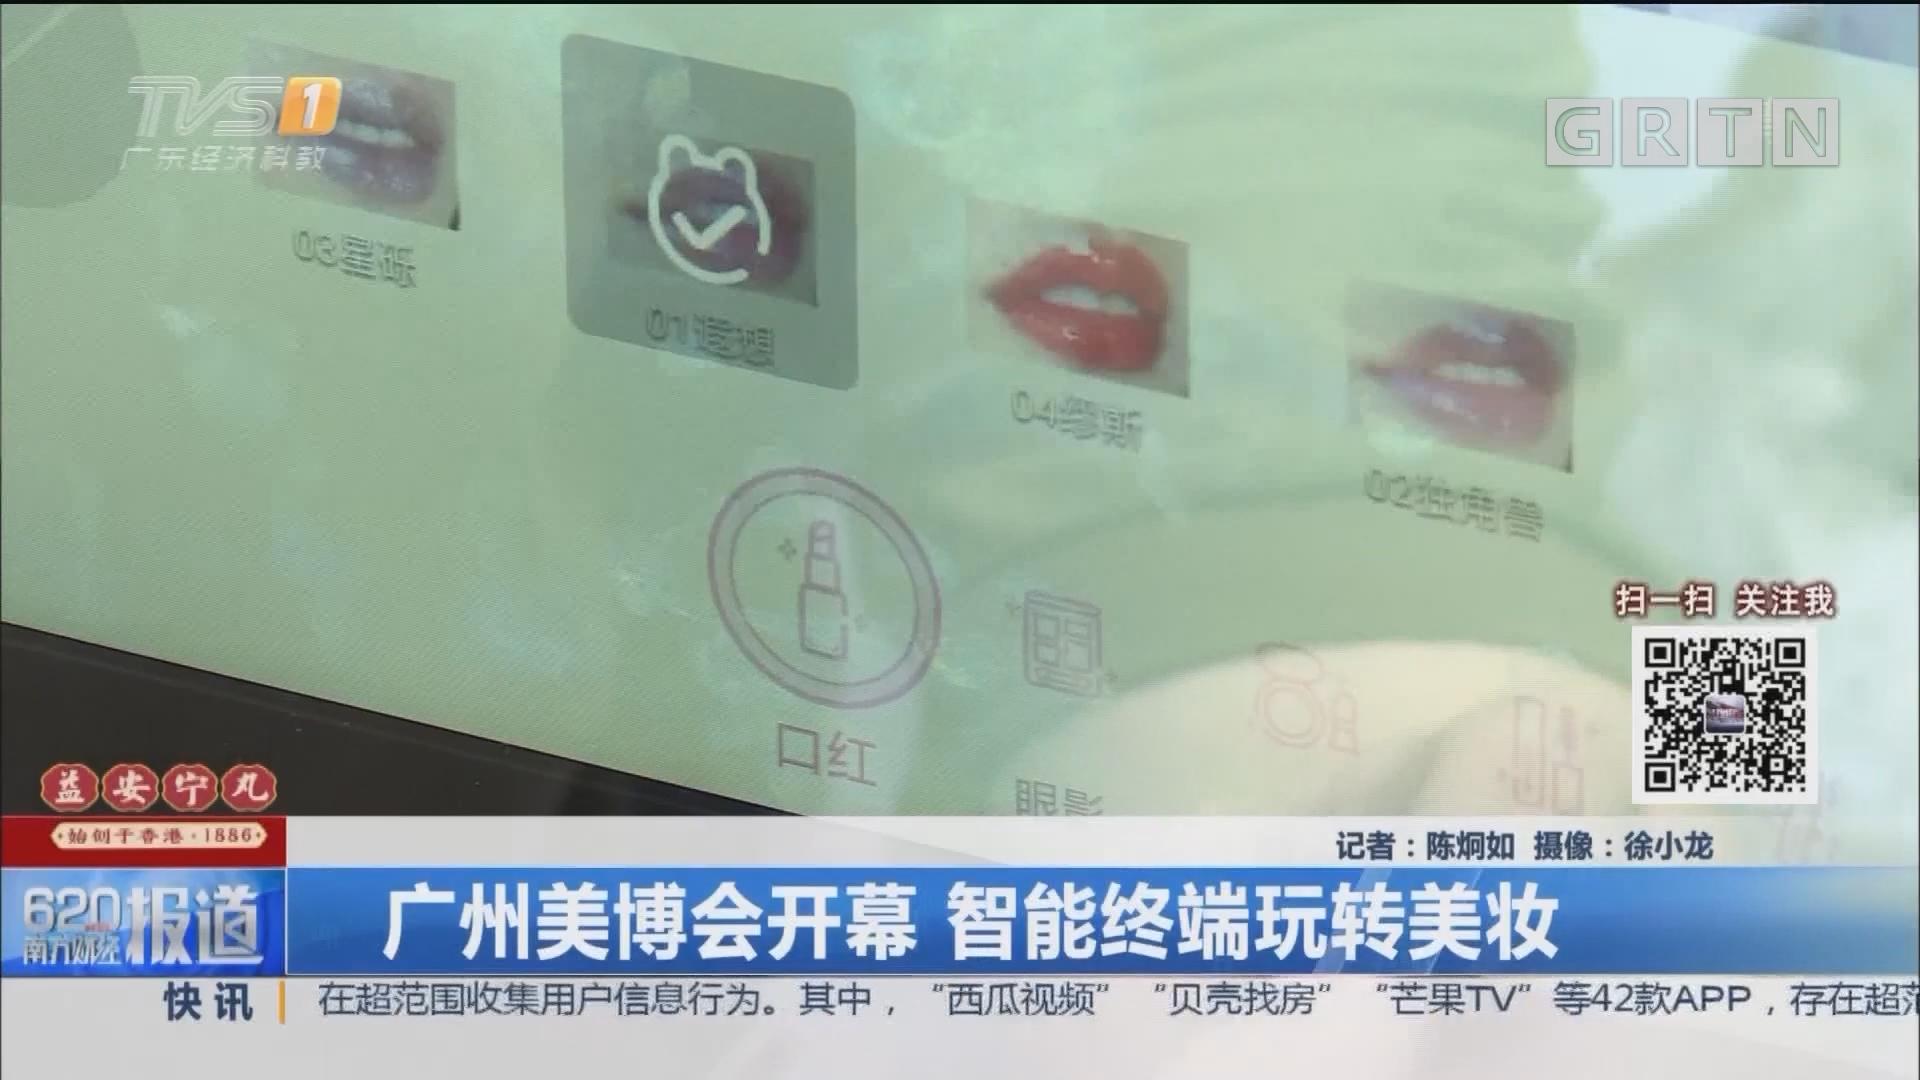 广州美博会开幕 智能终端玩转美妆